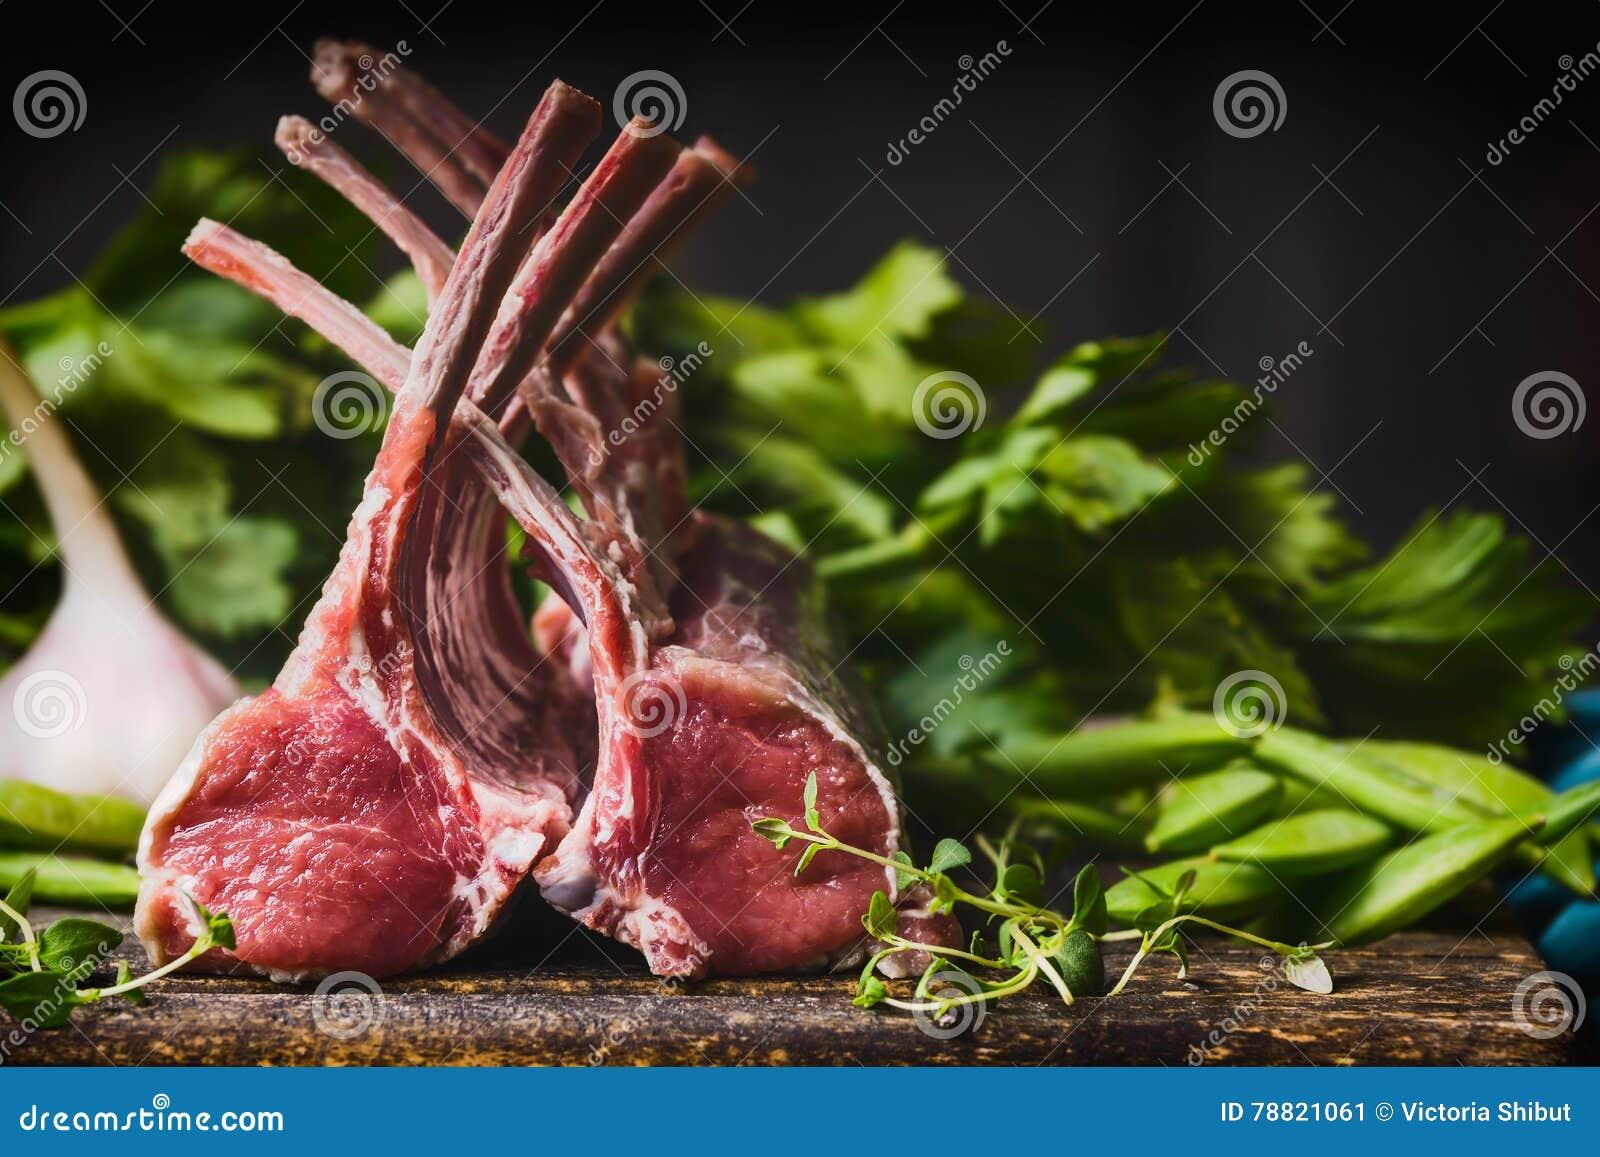 放在架子上的羊羔,与骨头的生肉在木背景的土气厨房用桌上